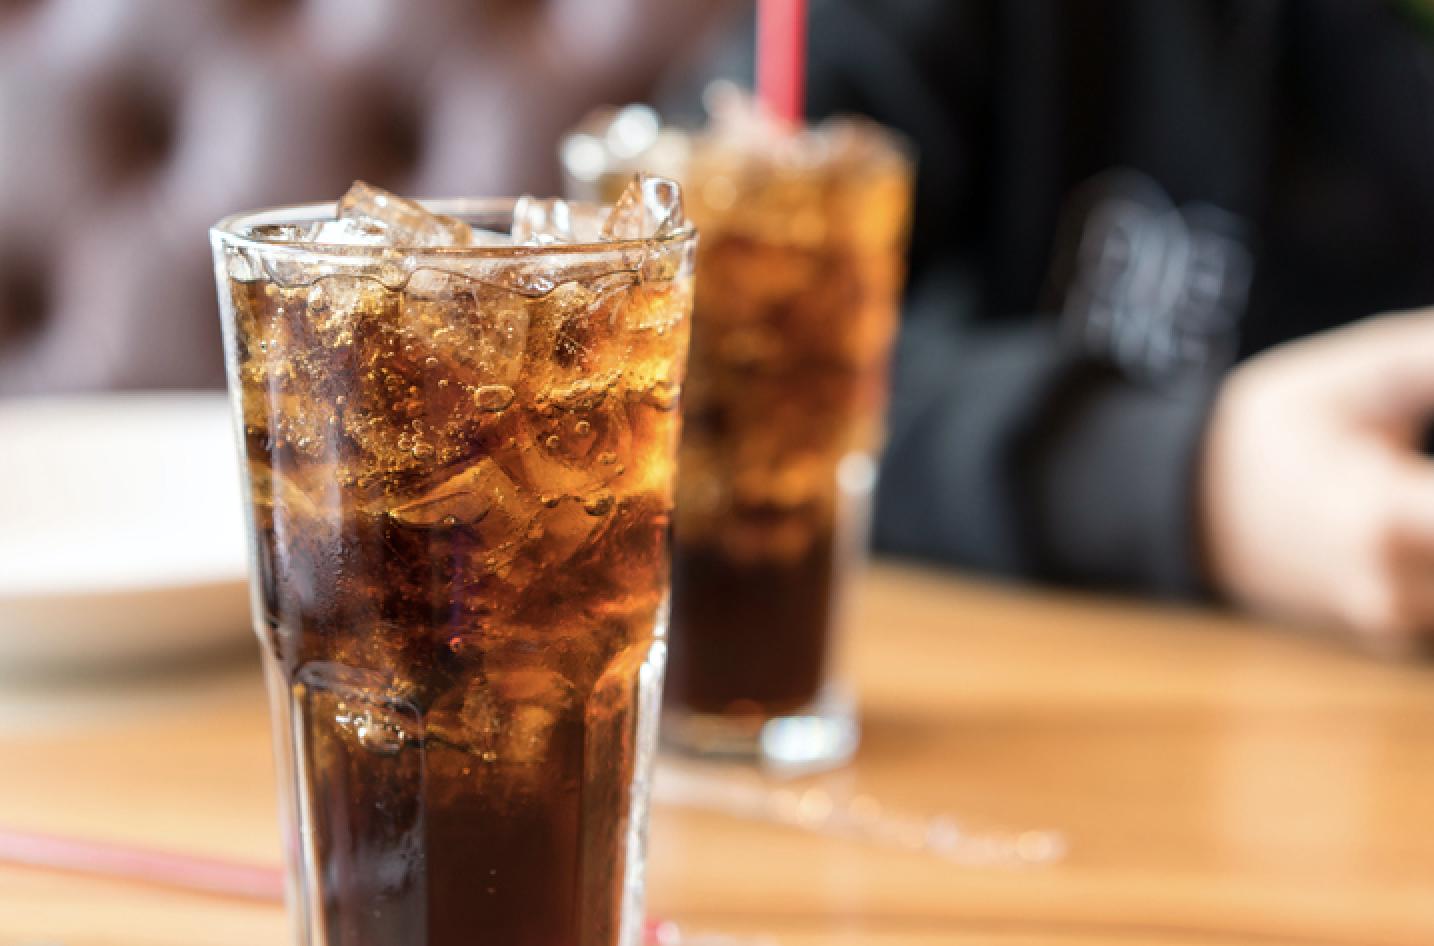 Sodas on a table